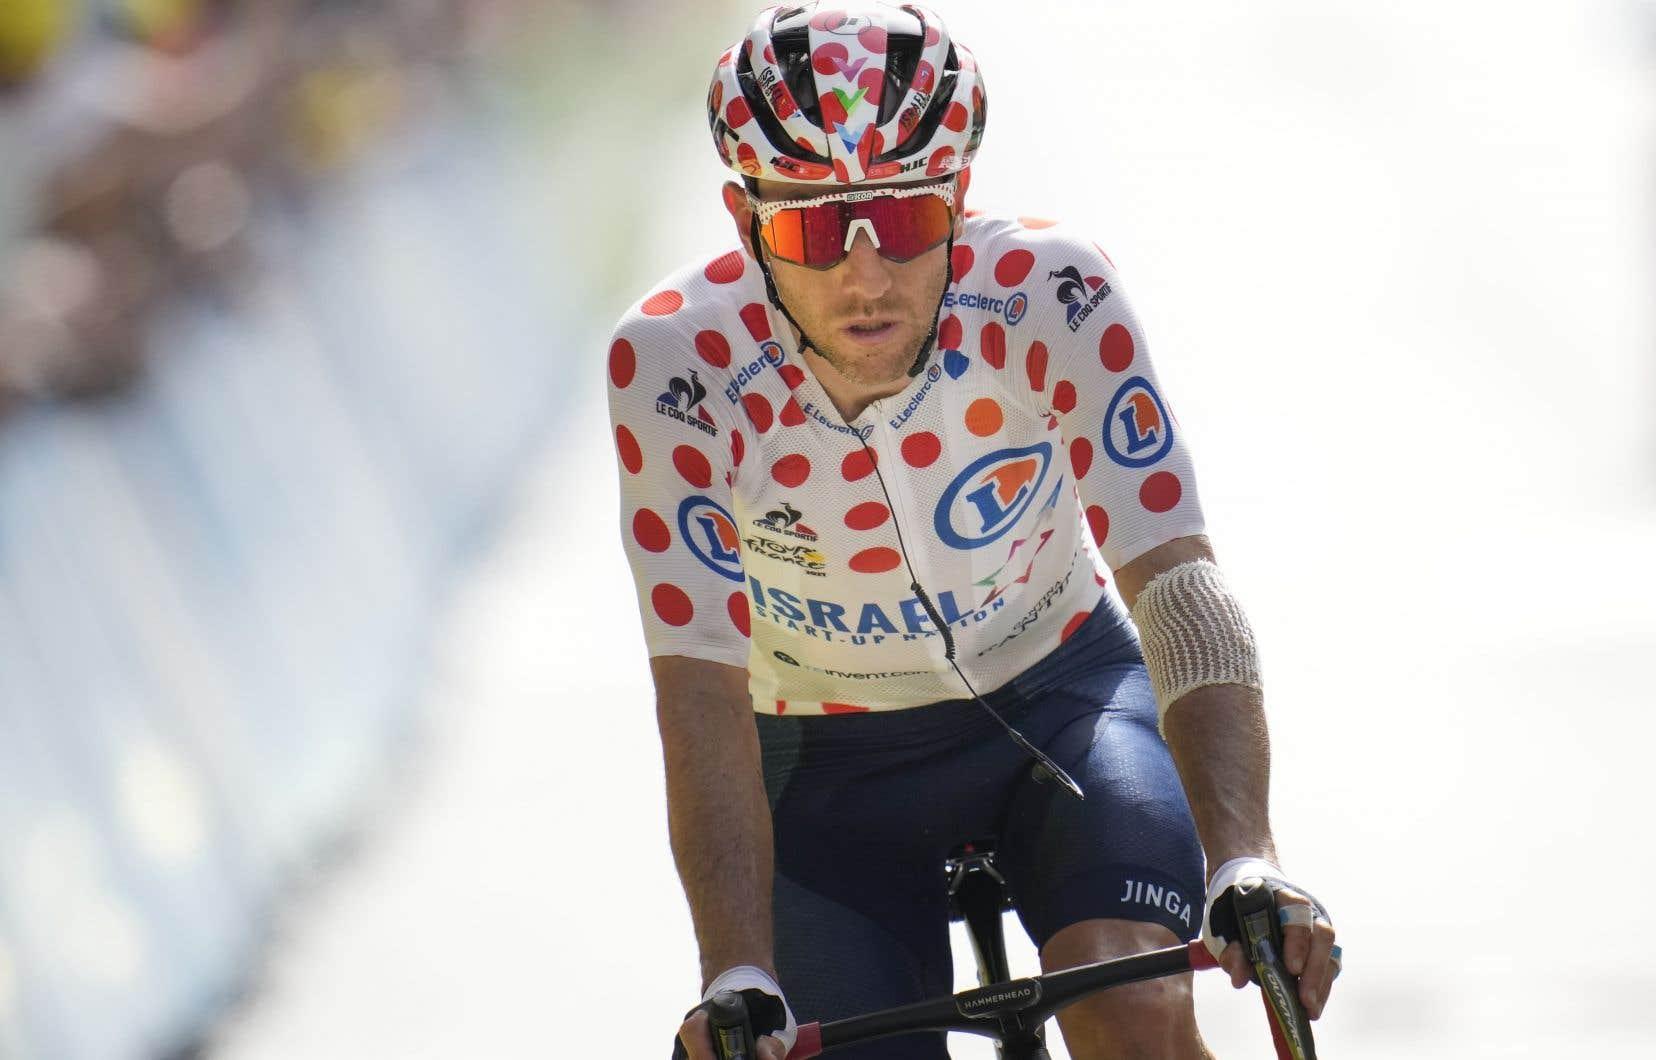 Avant même d'entamer le Tour de France, Michael Woods avait prévu la possibilité de devoir abandonner pour arriver plus tôt à Tokyo, si la course ne se déroulait pas comme il l'avait souhaité.